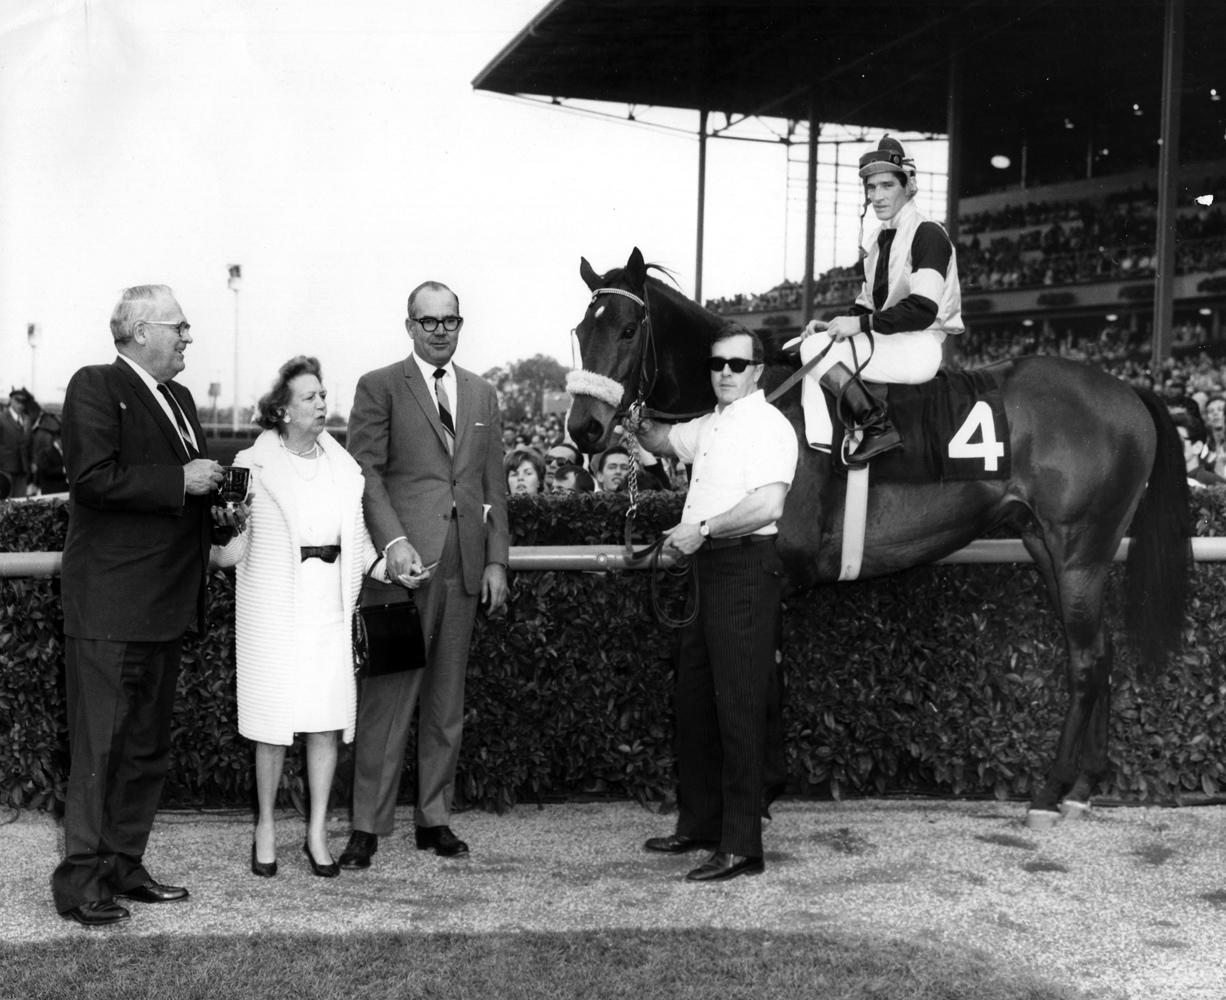 Manny Ycaza and Gun Bow in the winner's circle for the 1965 San Antonio Handicap at Santa Anita (Santa Anita Photo/Museum Collection)